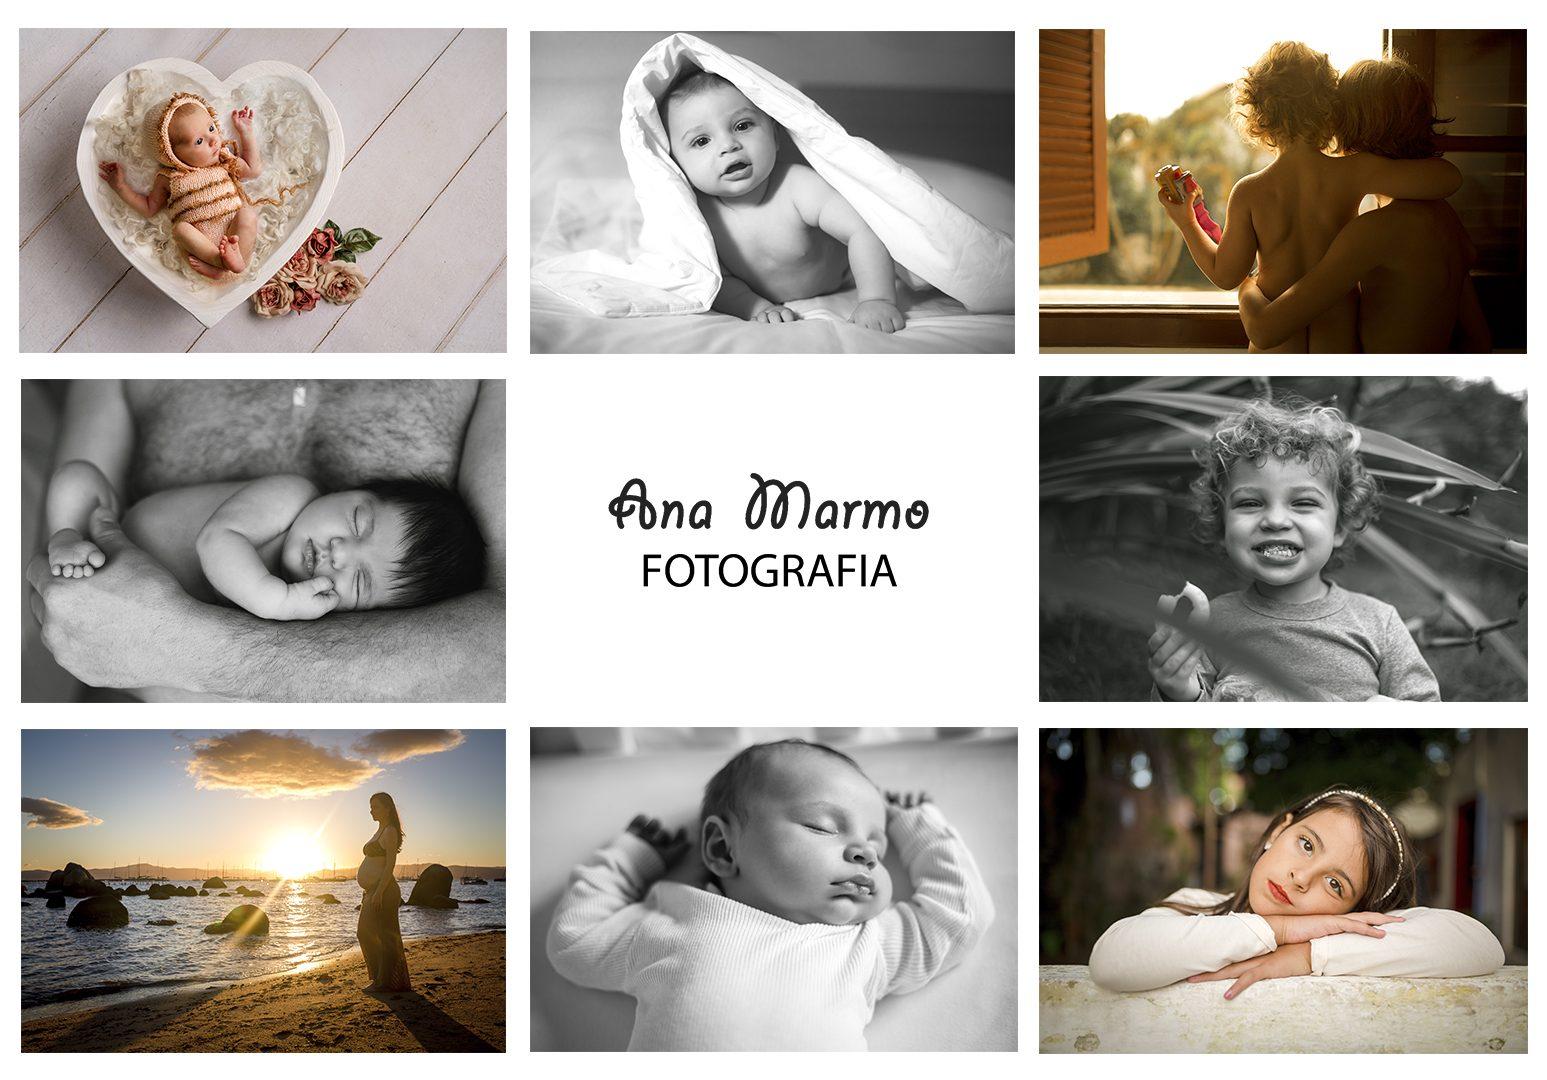 Ana Marmo Fotografia | Infantil | Gestantes | Casais | Newborn em Florianópolis